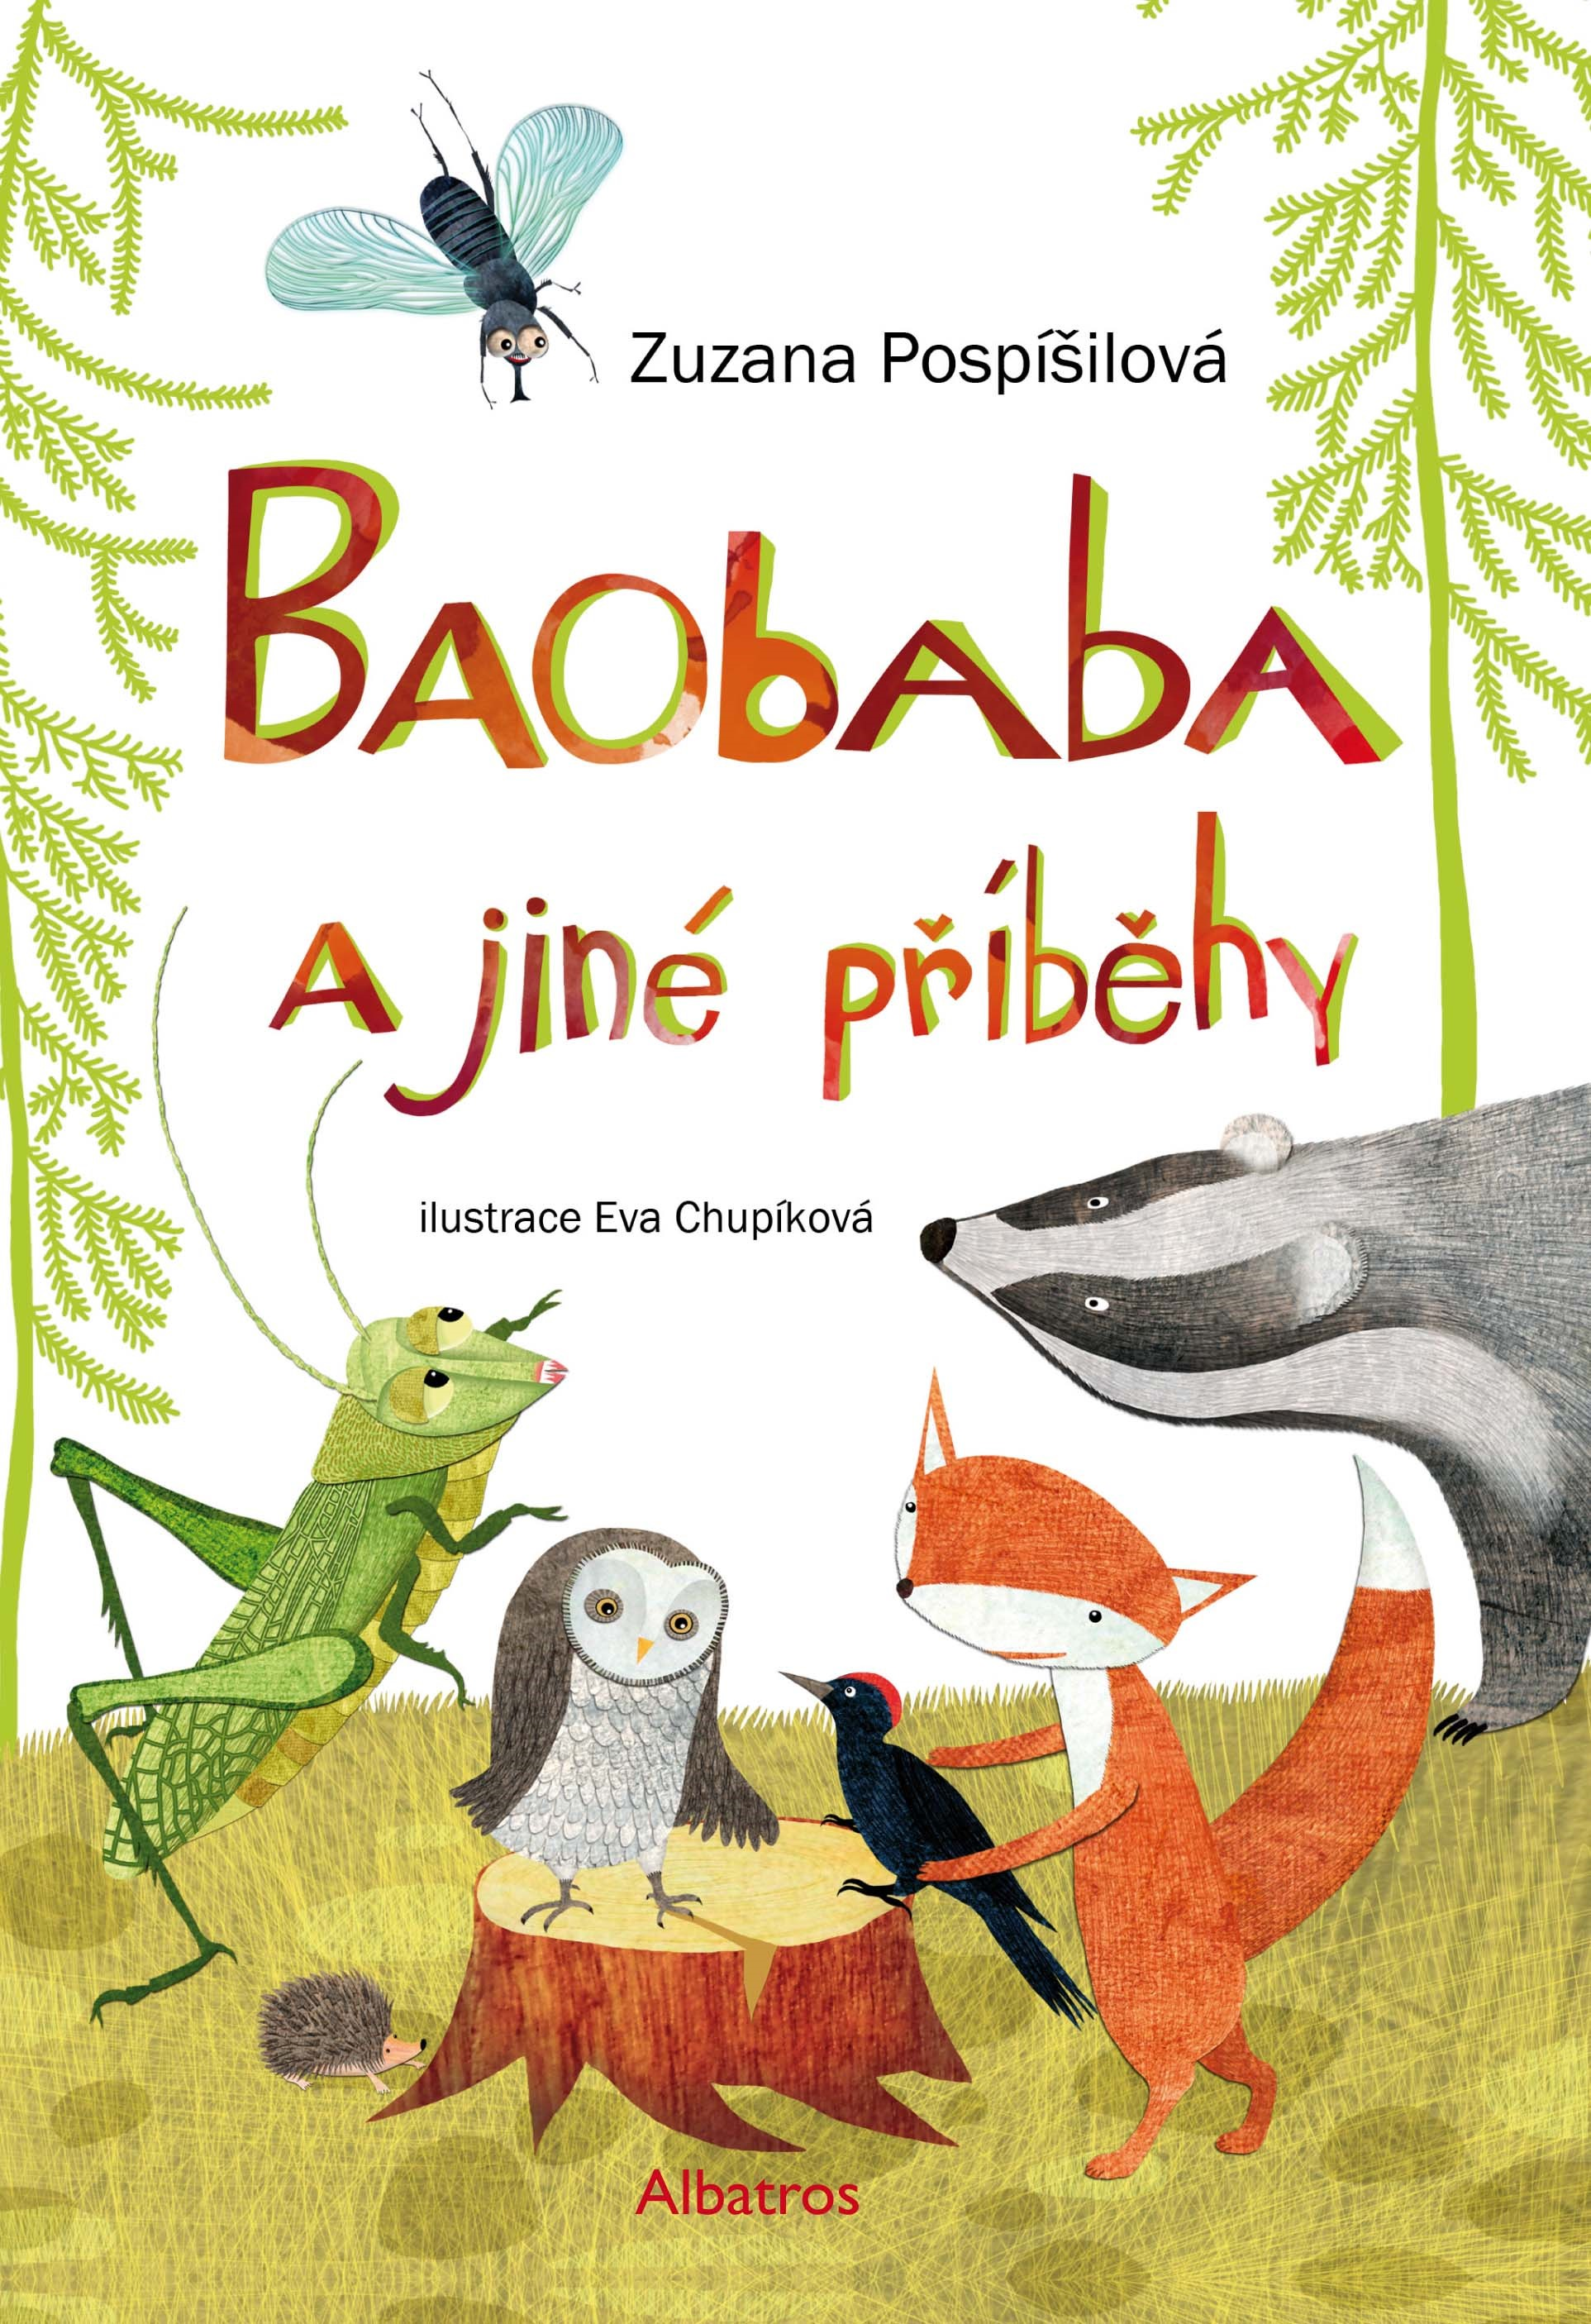 Baobaba a jiné příběhy | Zuzana Pospíšilová, Eva Chupíková